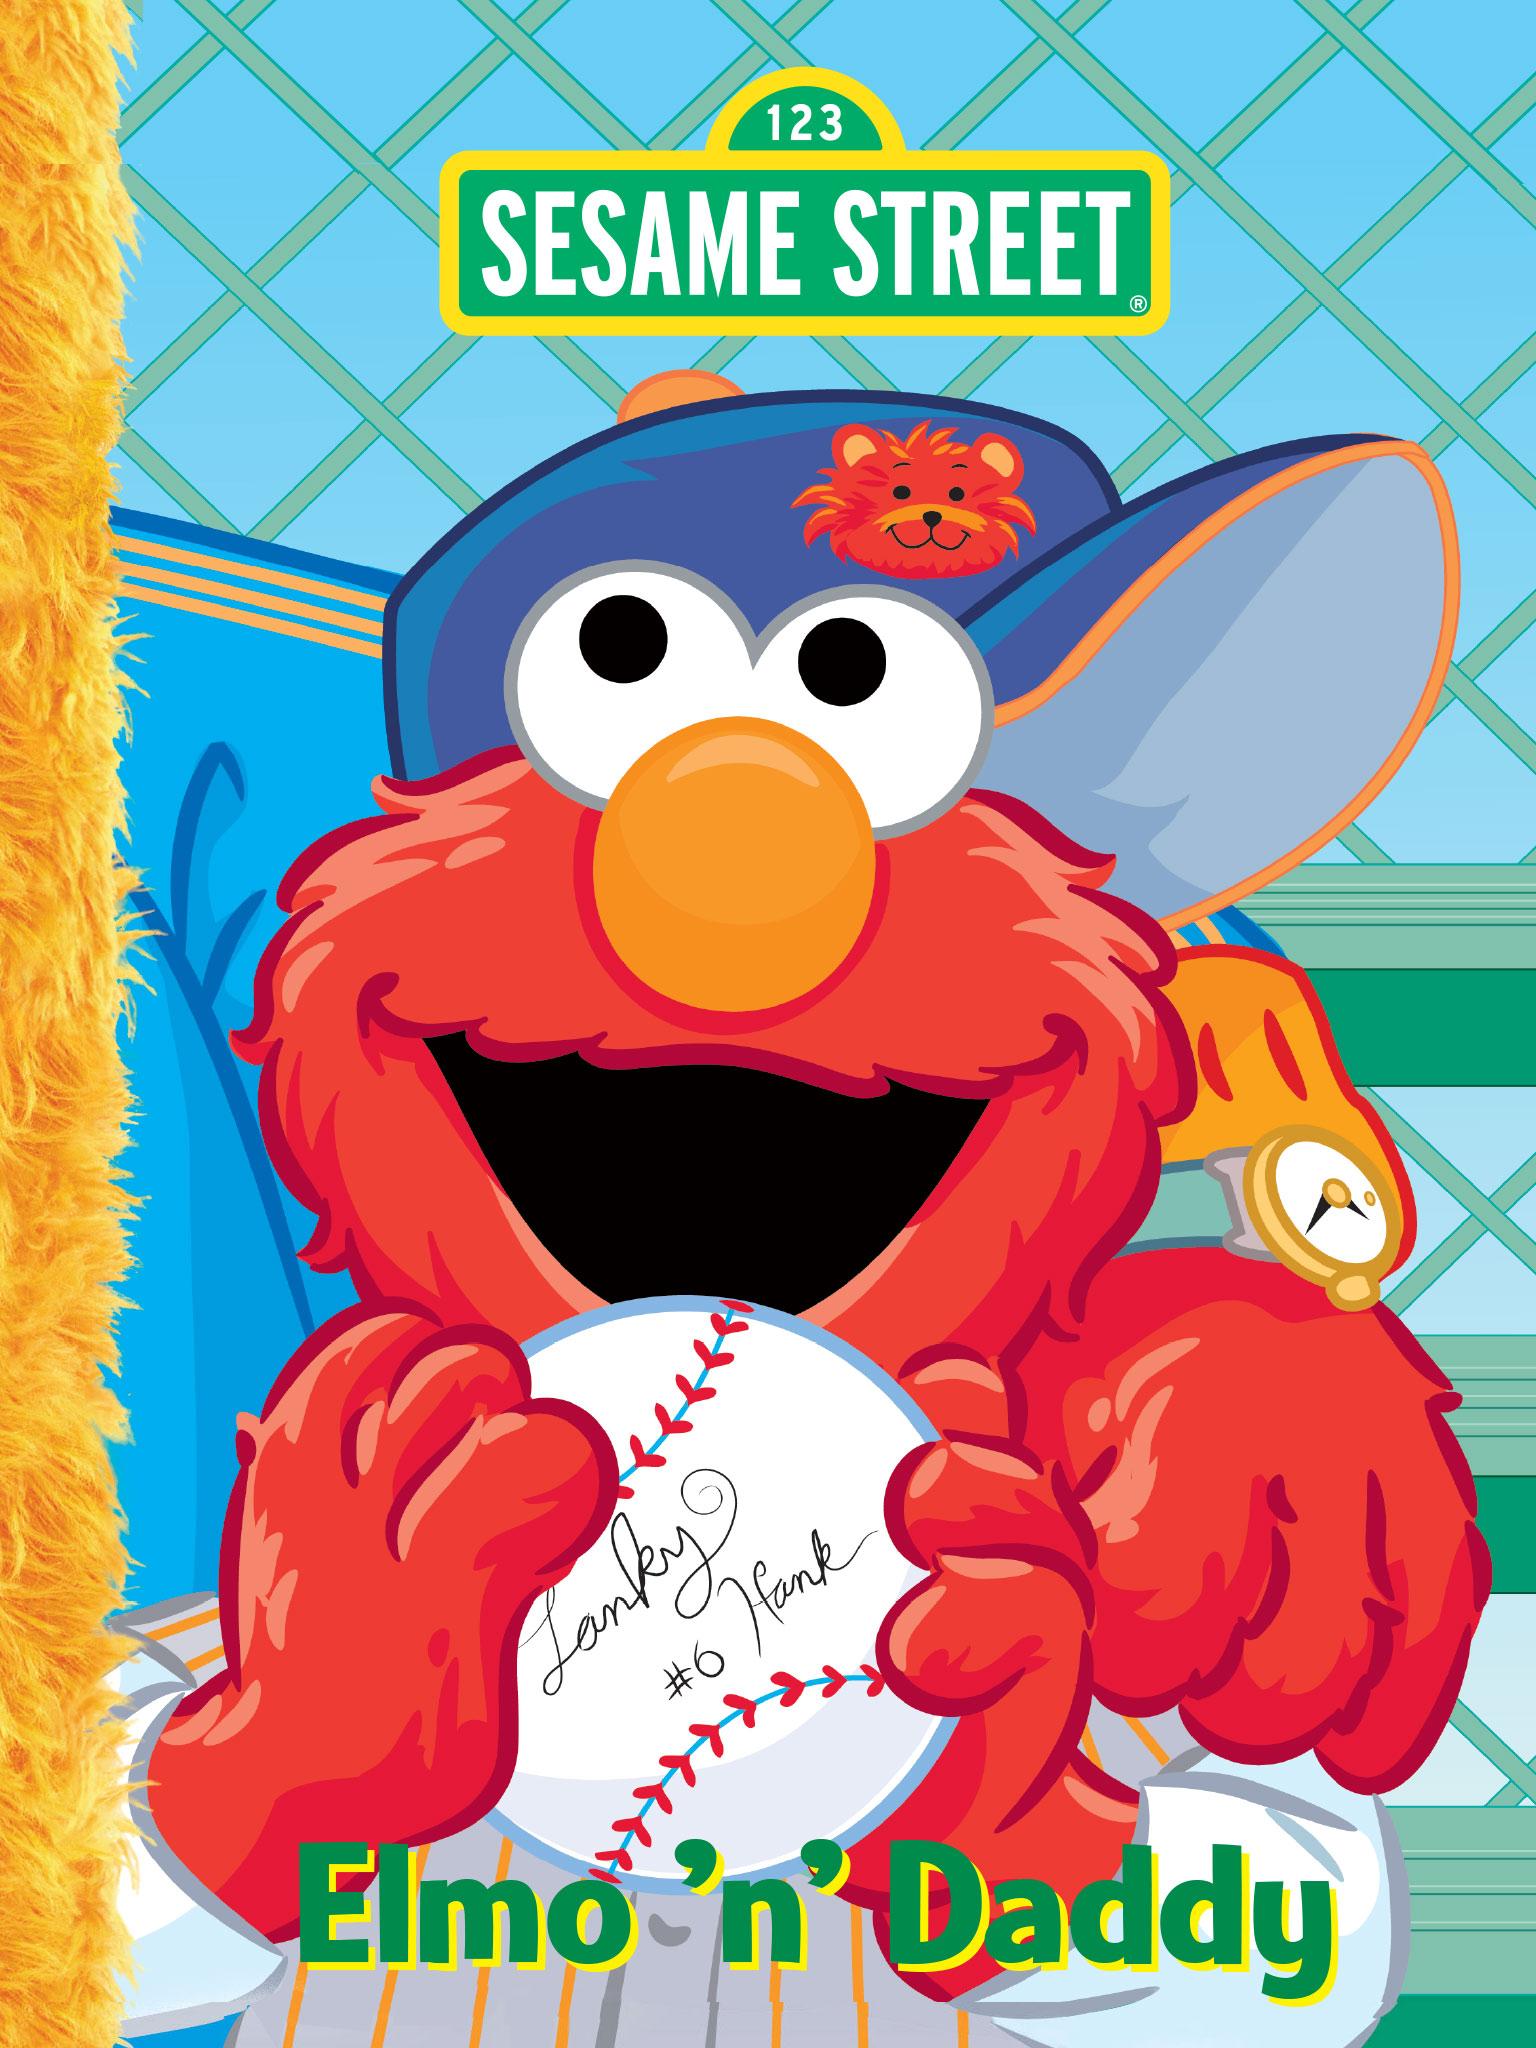 My Favorite Sesame Street Book On Meegenius Elmo N